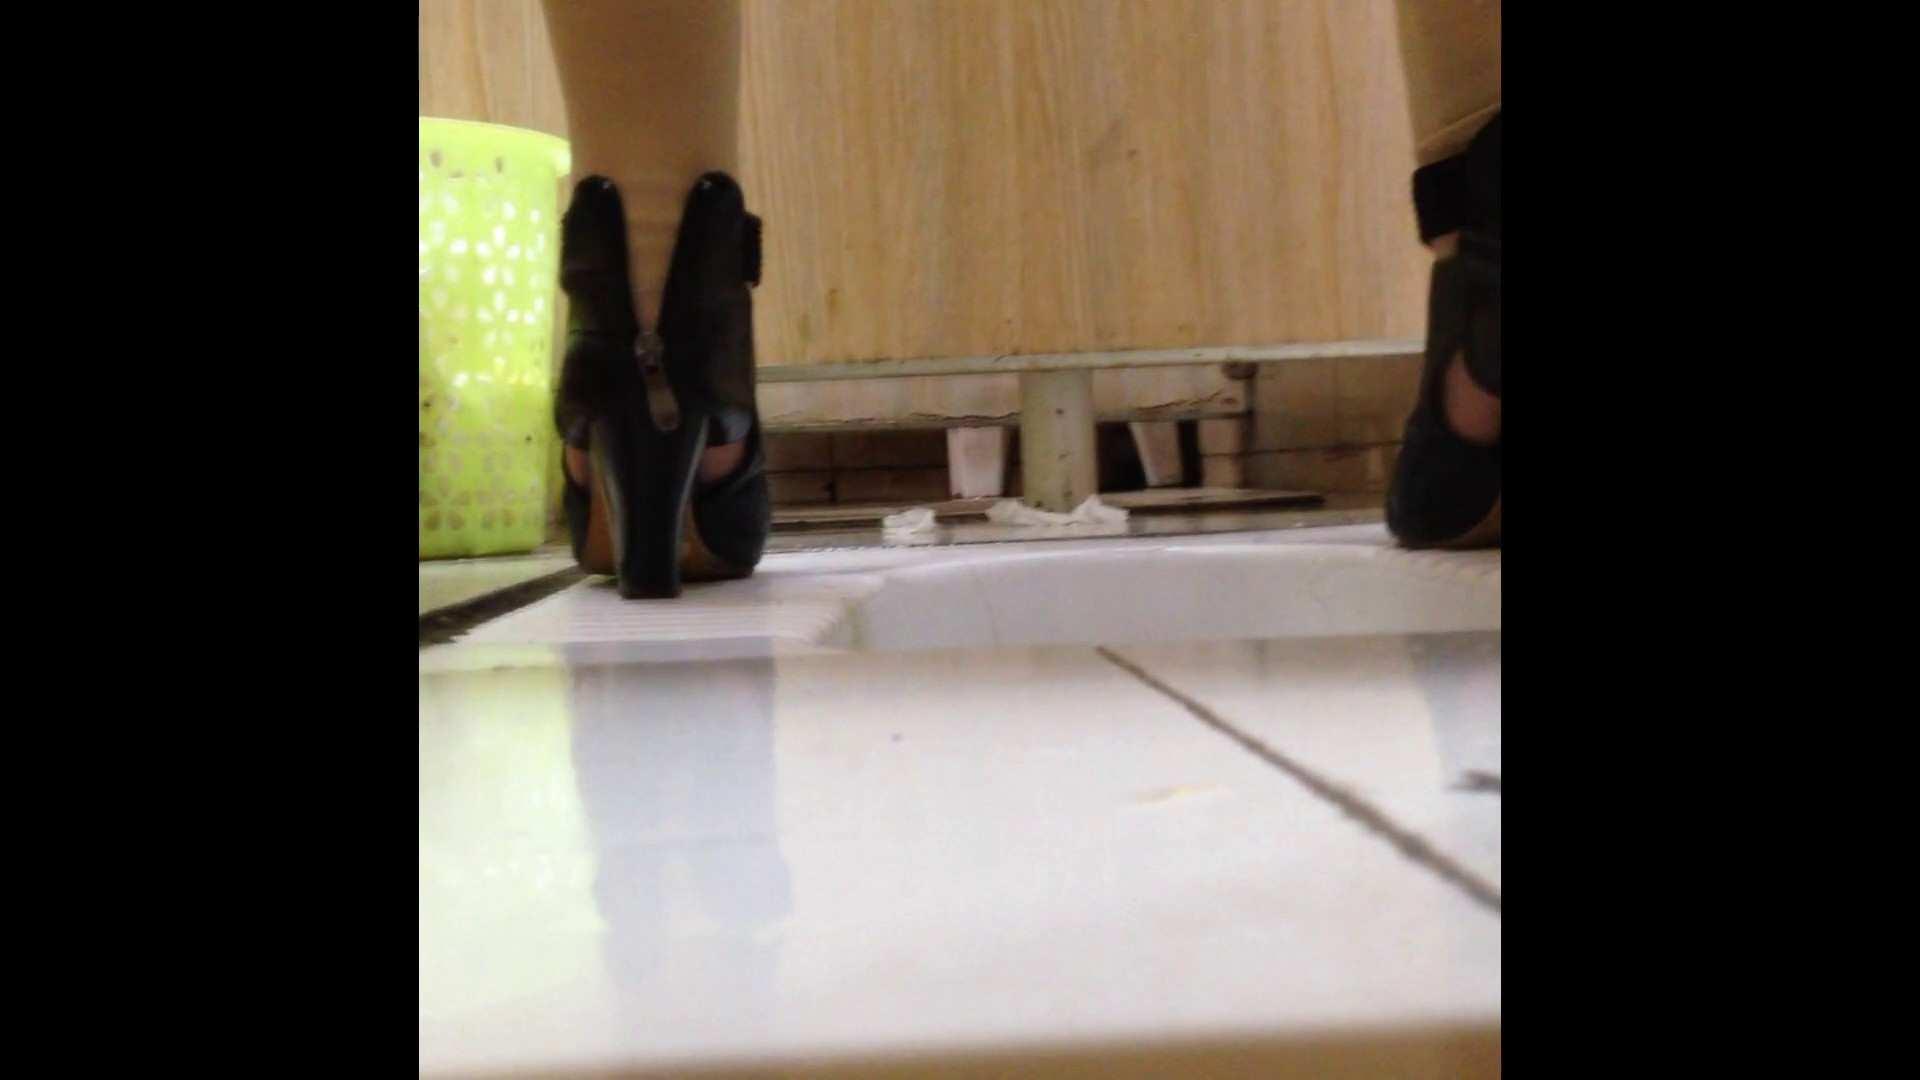 芸術大学ガチ潜入盗撮 JD盗撮 美女の洗面所の秘密 Vol.86 OLハメ撮り  58Pix 44